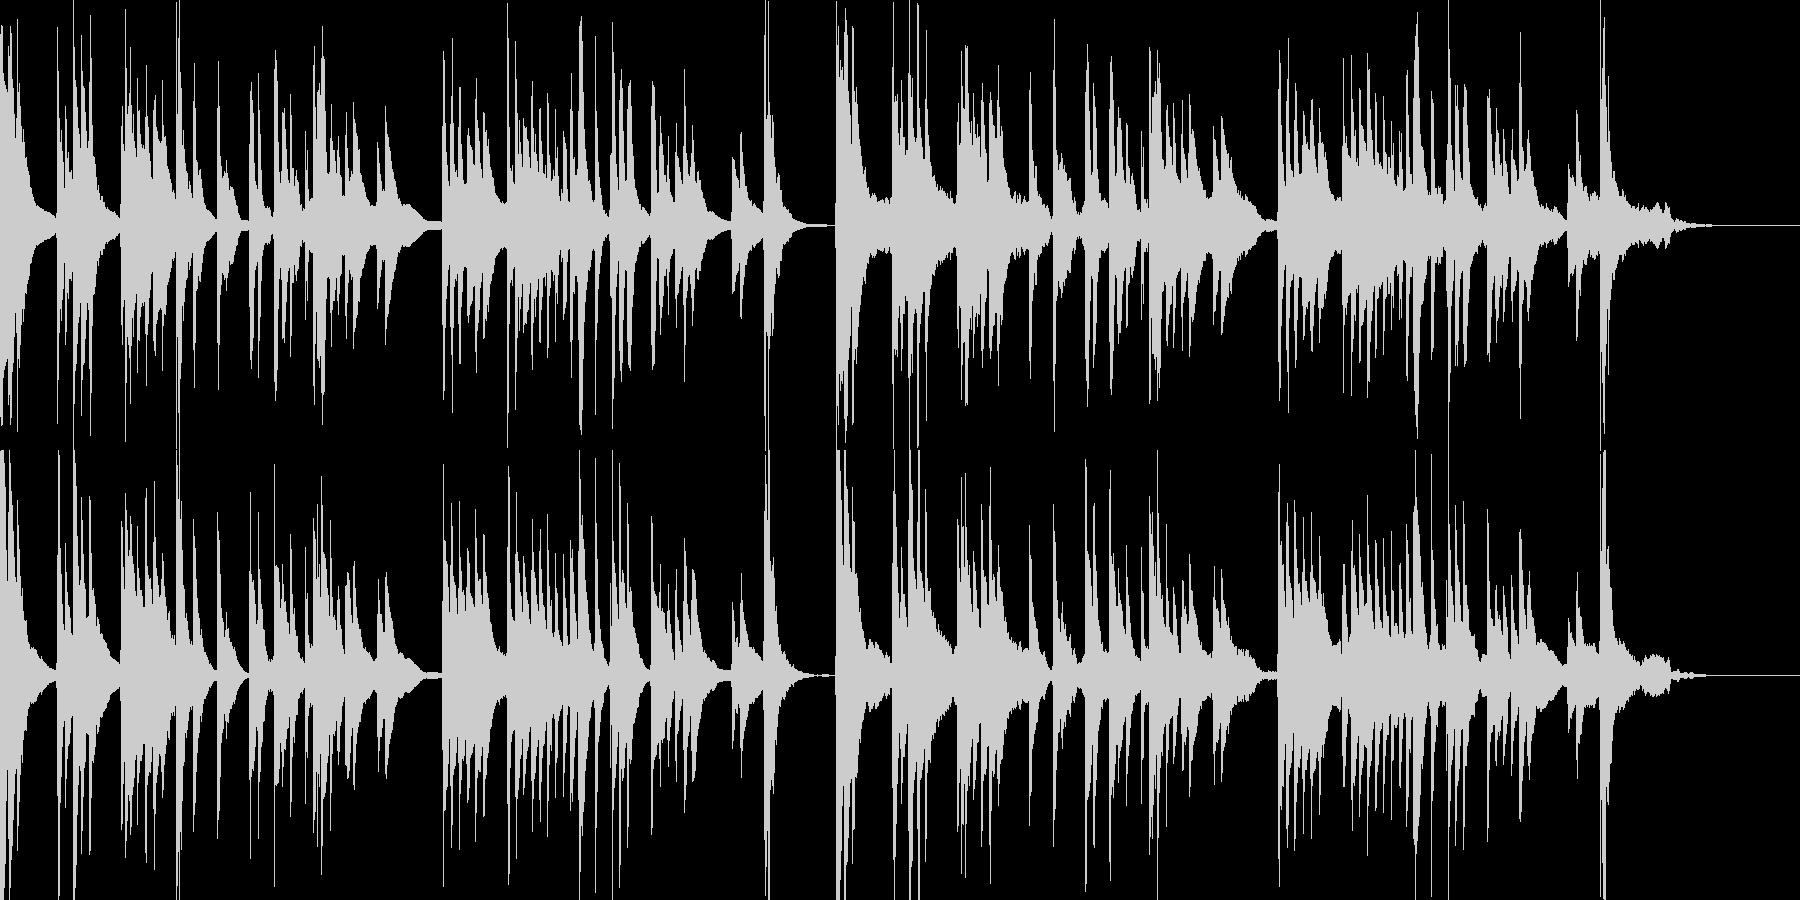 和風 琴のシンプルなしらべ 鬼滅的回想等の未再生の波形